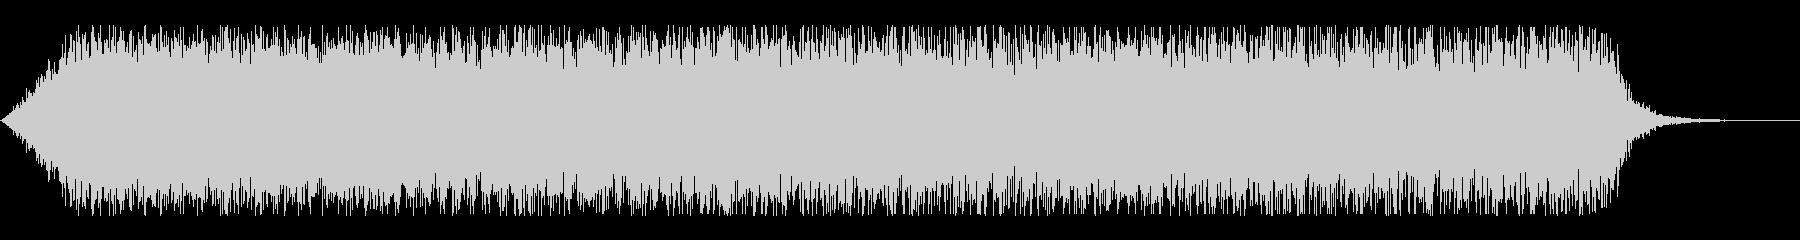 機体プロペラ音(ブイーン)の未再生の波形